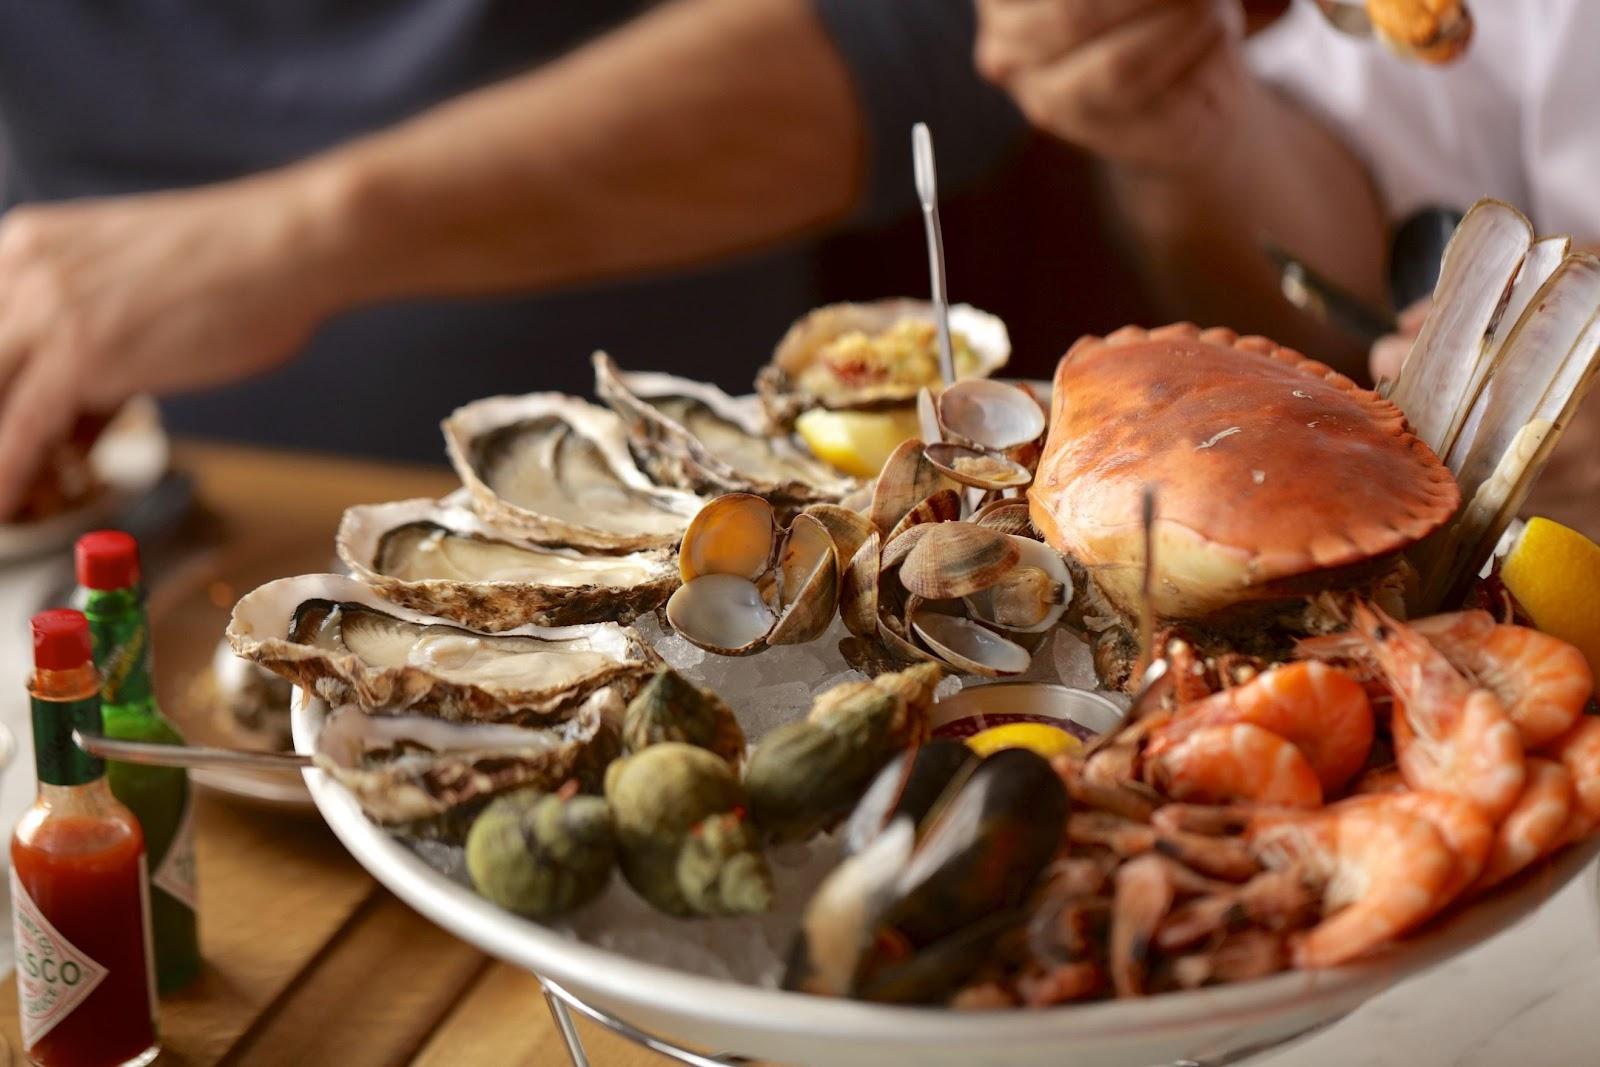 ../BPS%20PICS/Seafood%20pic.jpg